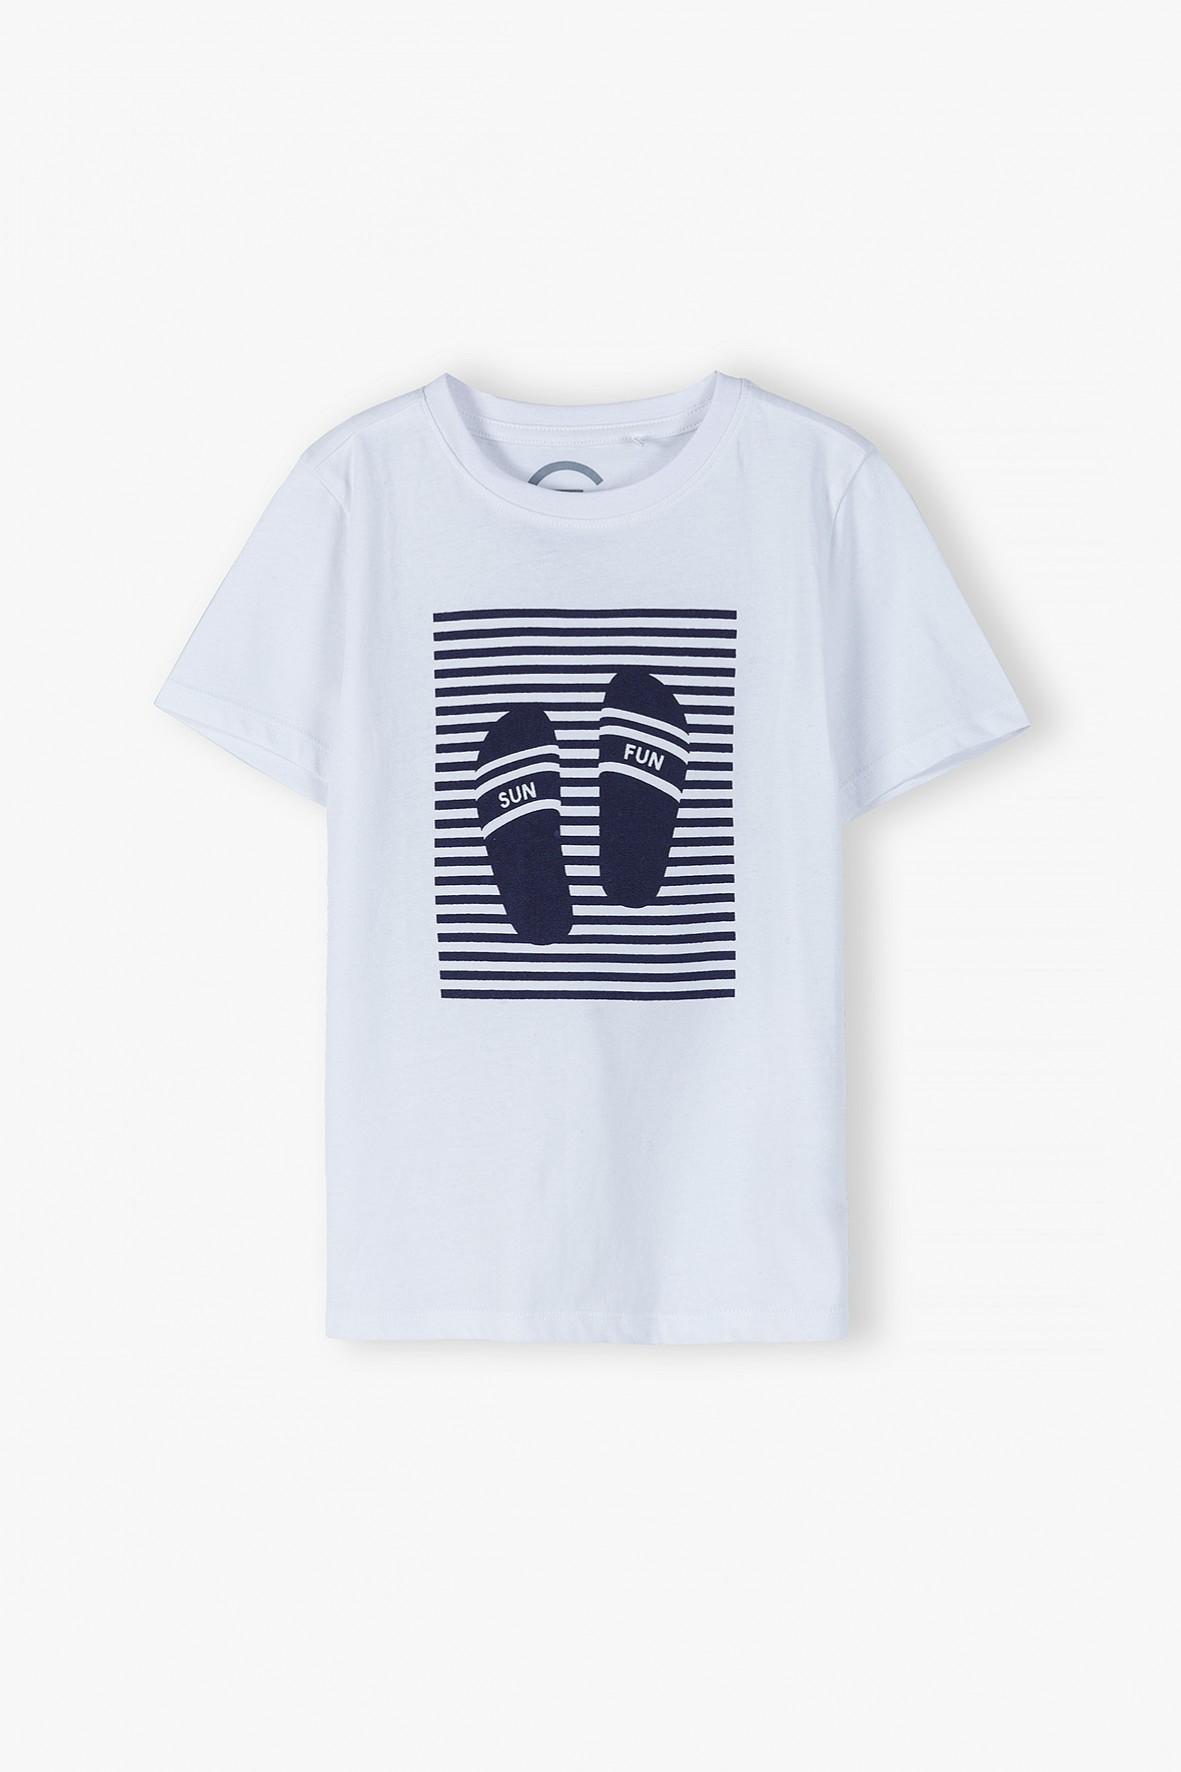 T-shirt chłopięcy z wakacyjnym motywem- ubrania dla całej rodziny